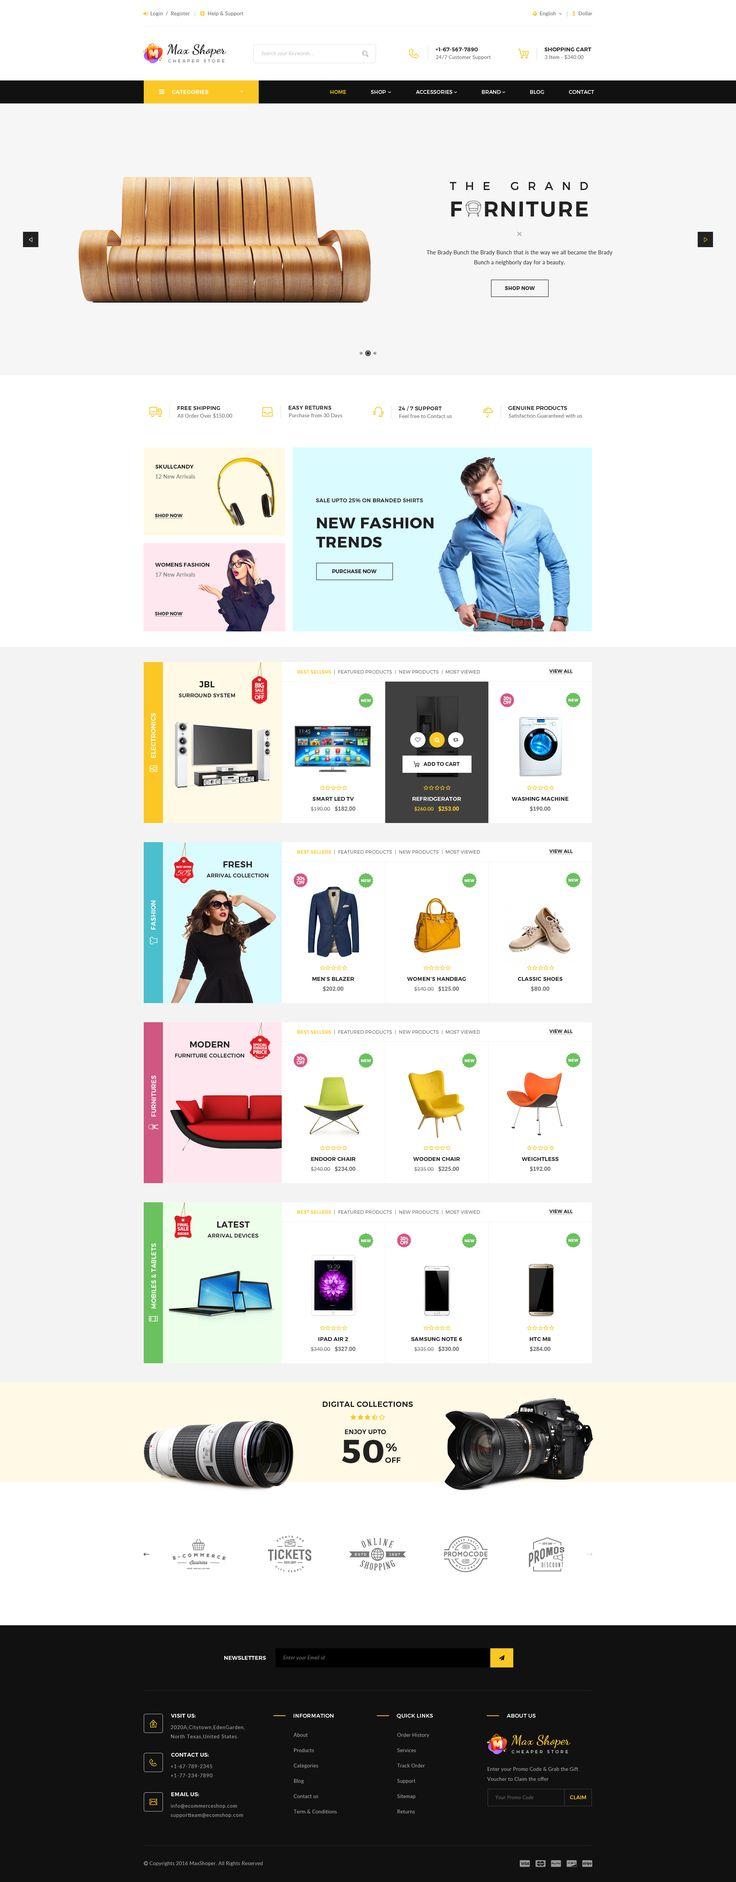 Max Shop - E-Commerce PSD Template • Download ➝ https://themeforest.net/item/max-shop-ecommerce-psd-template/16692740?ref=pxcr